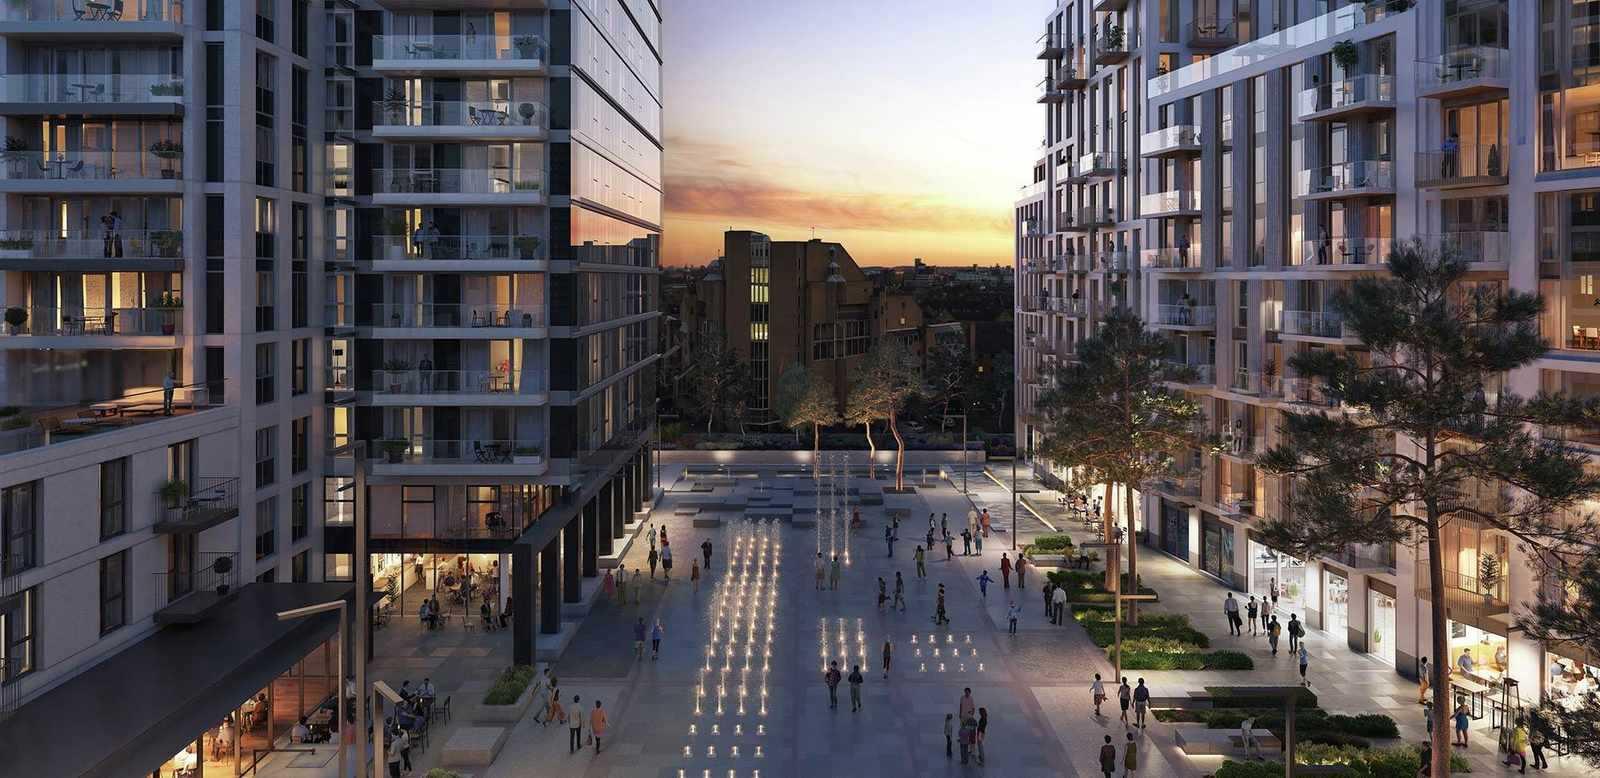 坐拥新老金融城比邻泰晤士河伦敦港